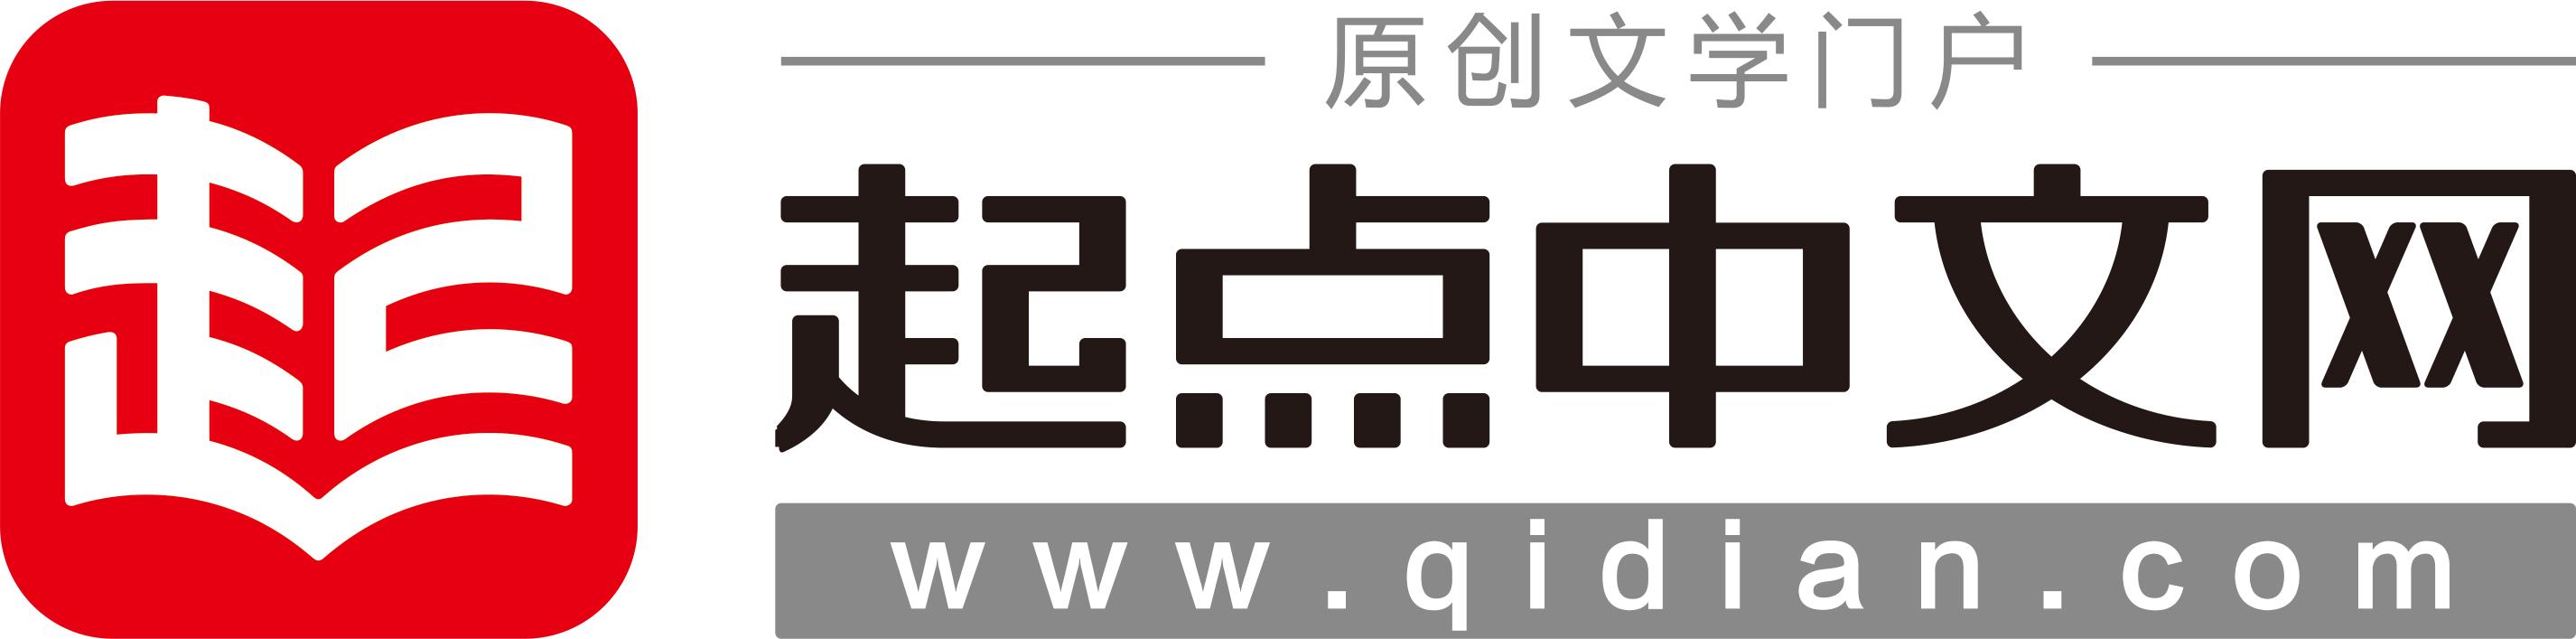 魔道祖师旧版 小说搜索 起点中文网